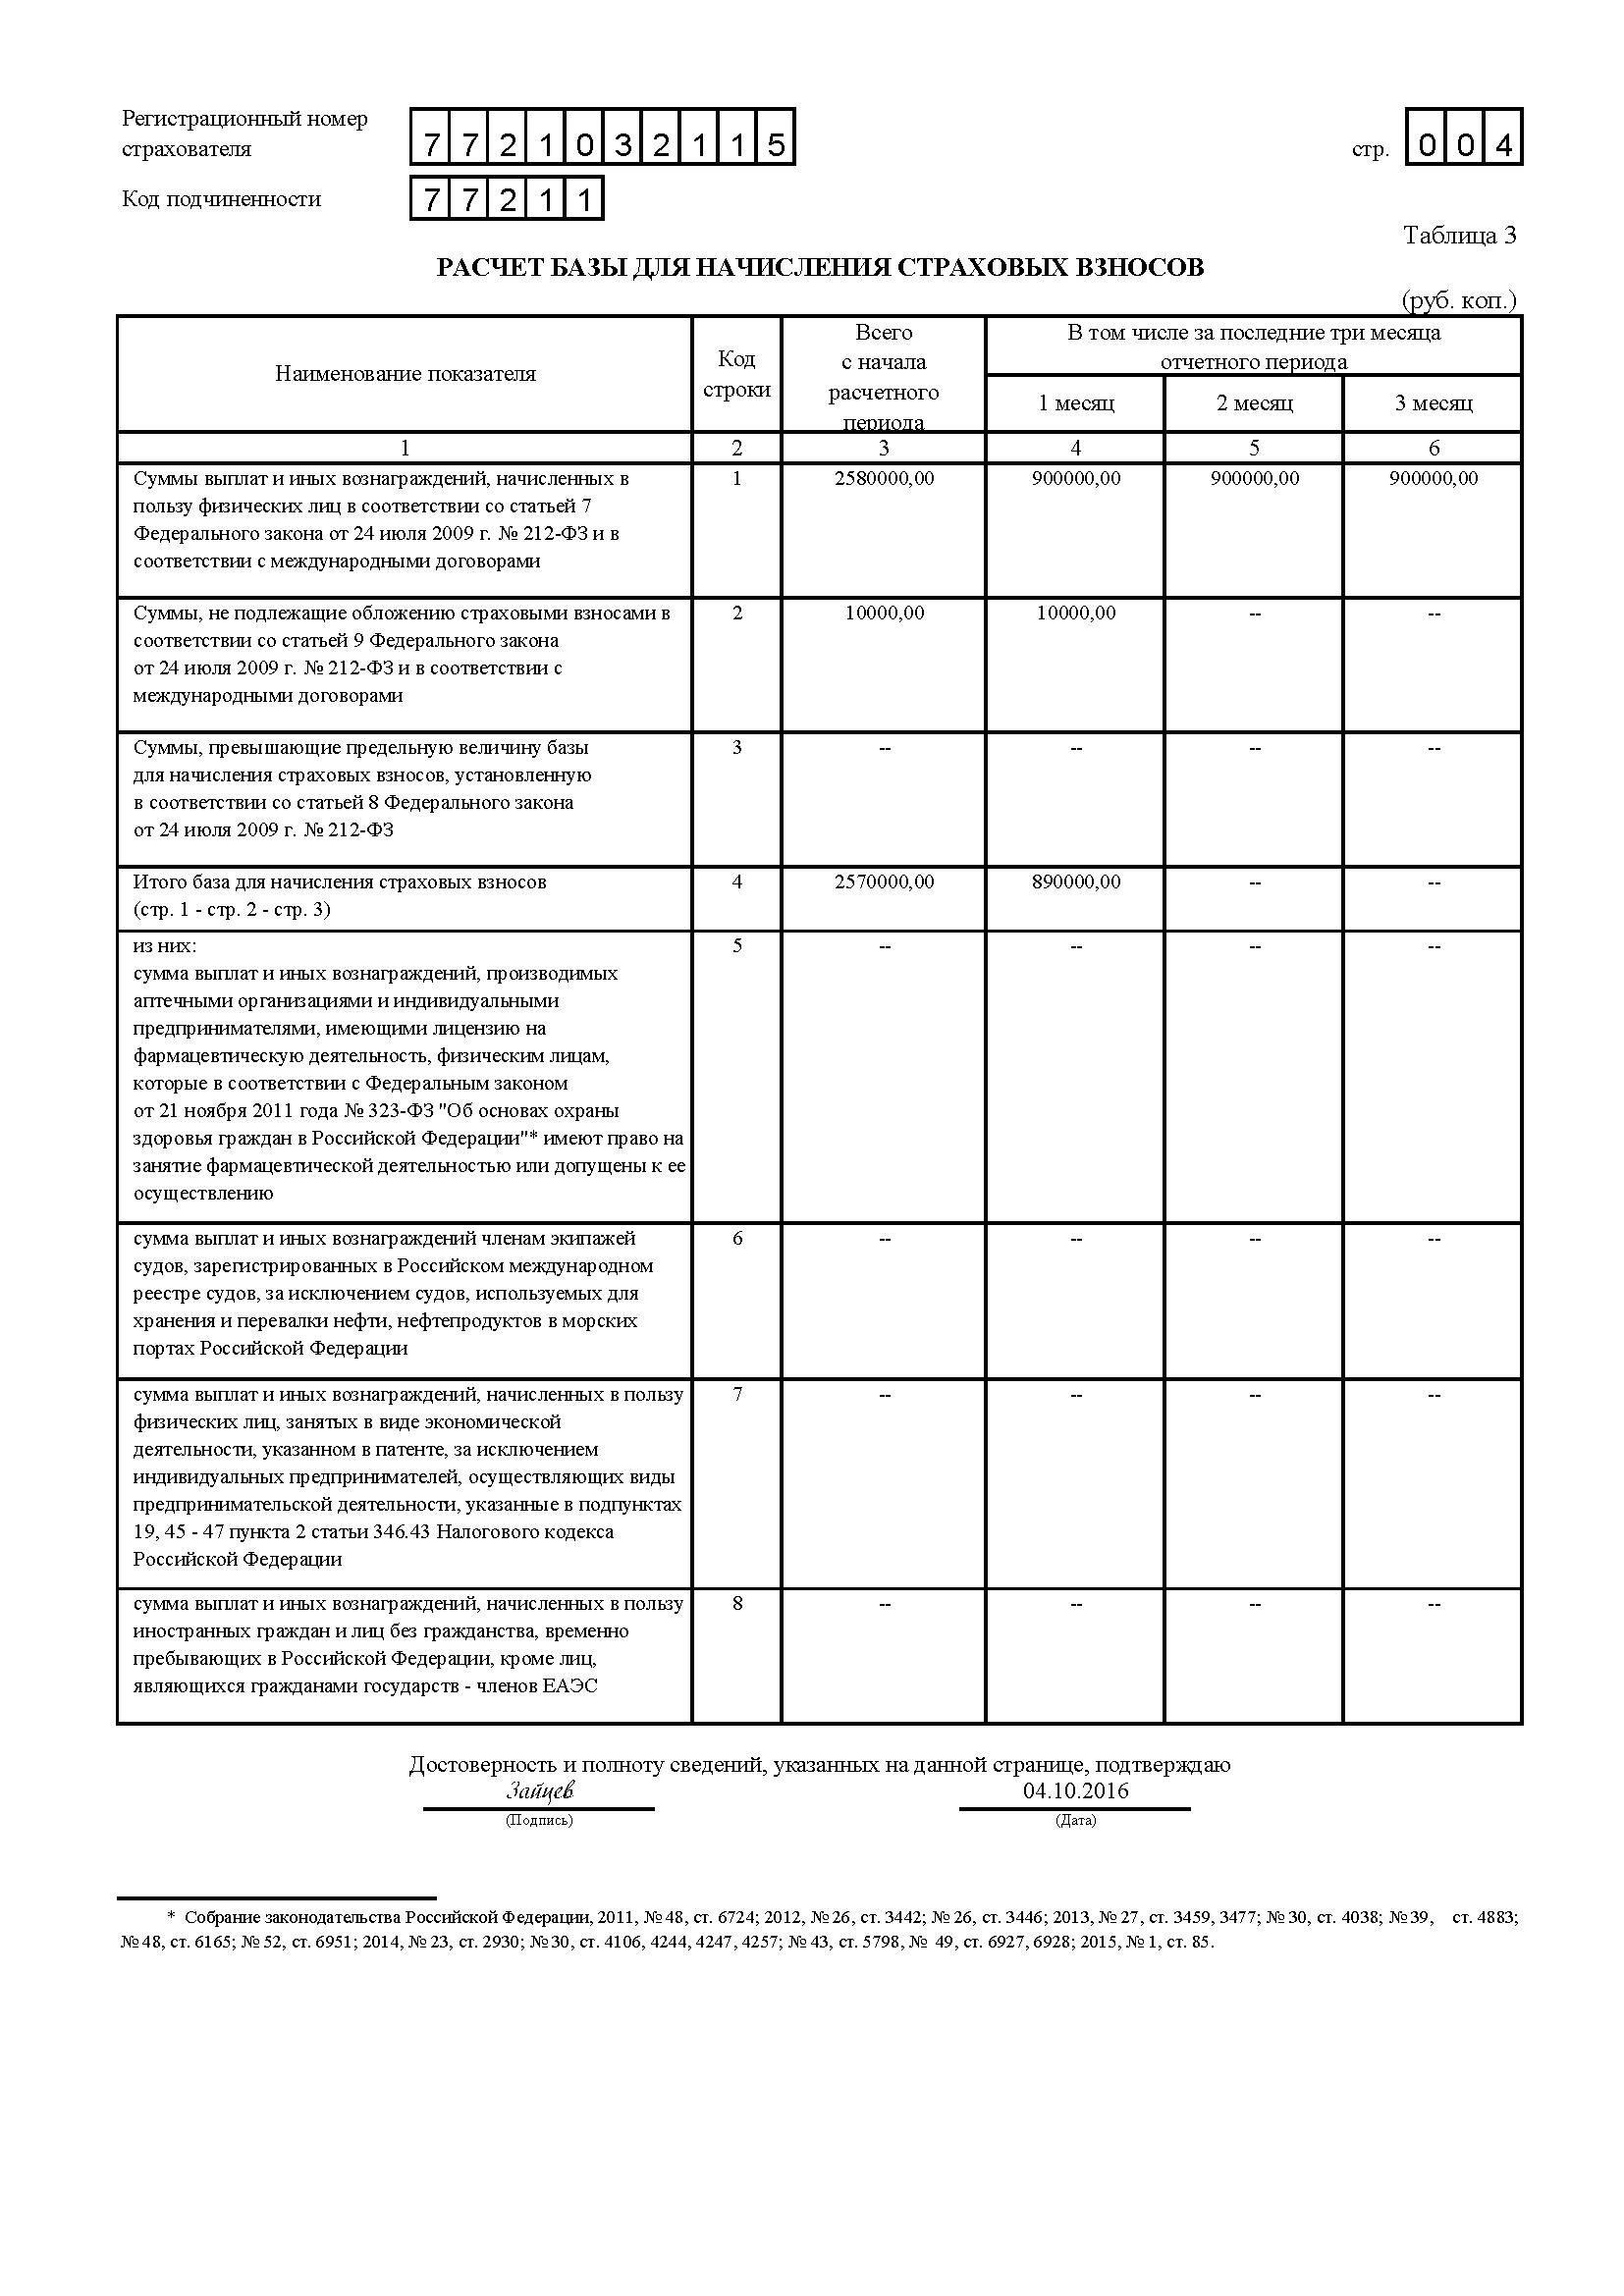 бланк формы 4 фсс за 9 мес 2014